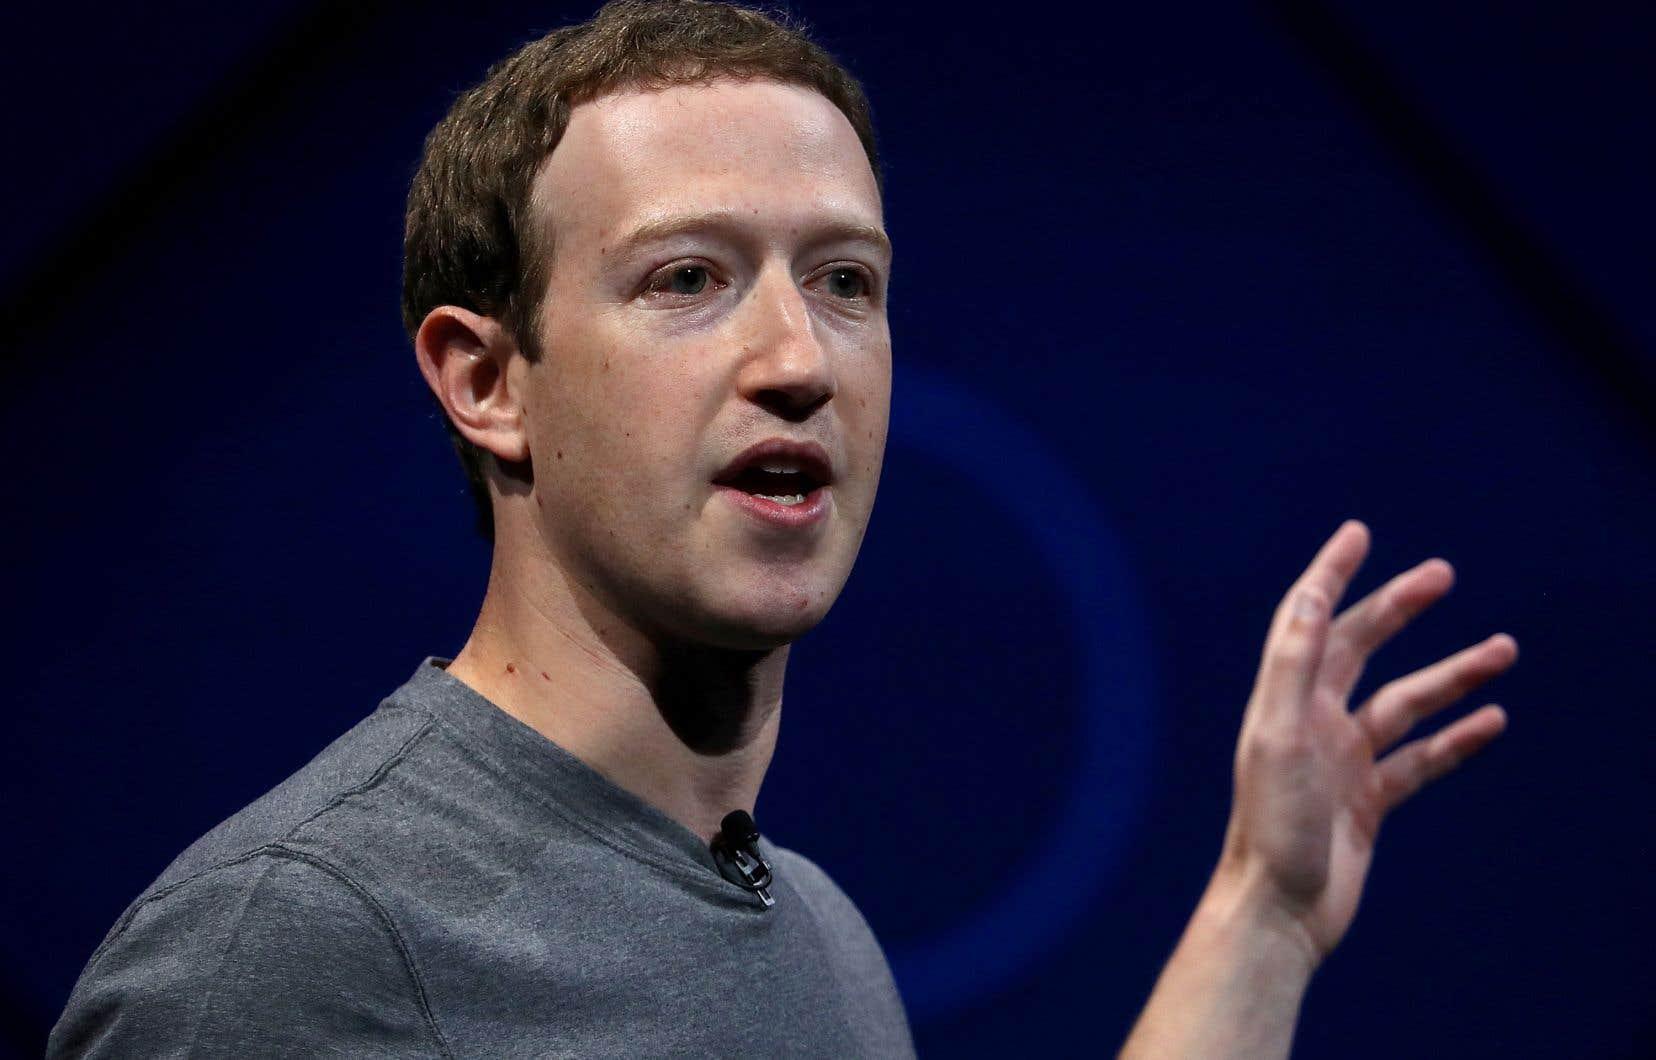 Selon des spécialistes, la façon dont Facebook et son fondateur Mark Zuckerberg gèrent le scandale des données personnelles laisse beaucoup à désirer.